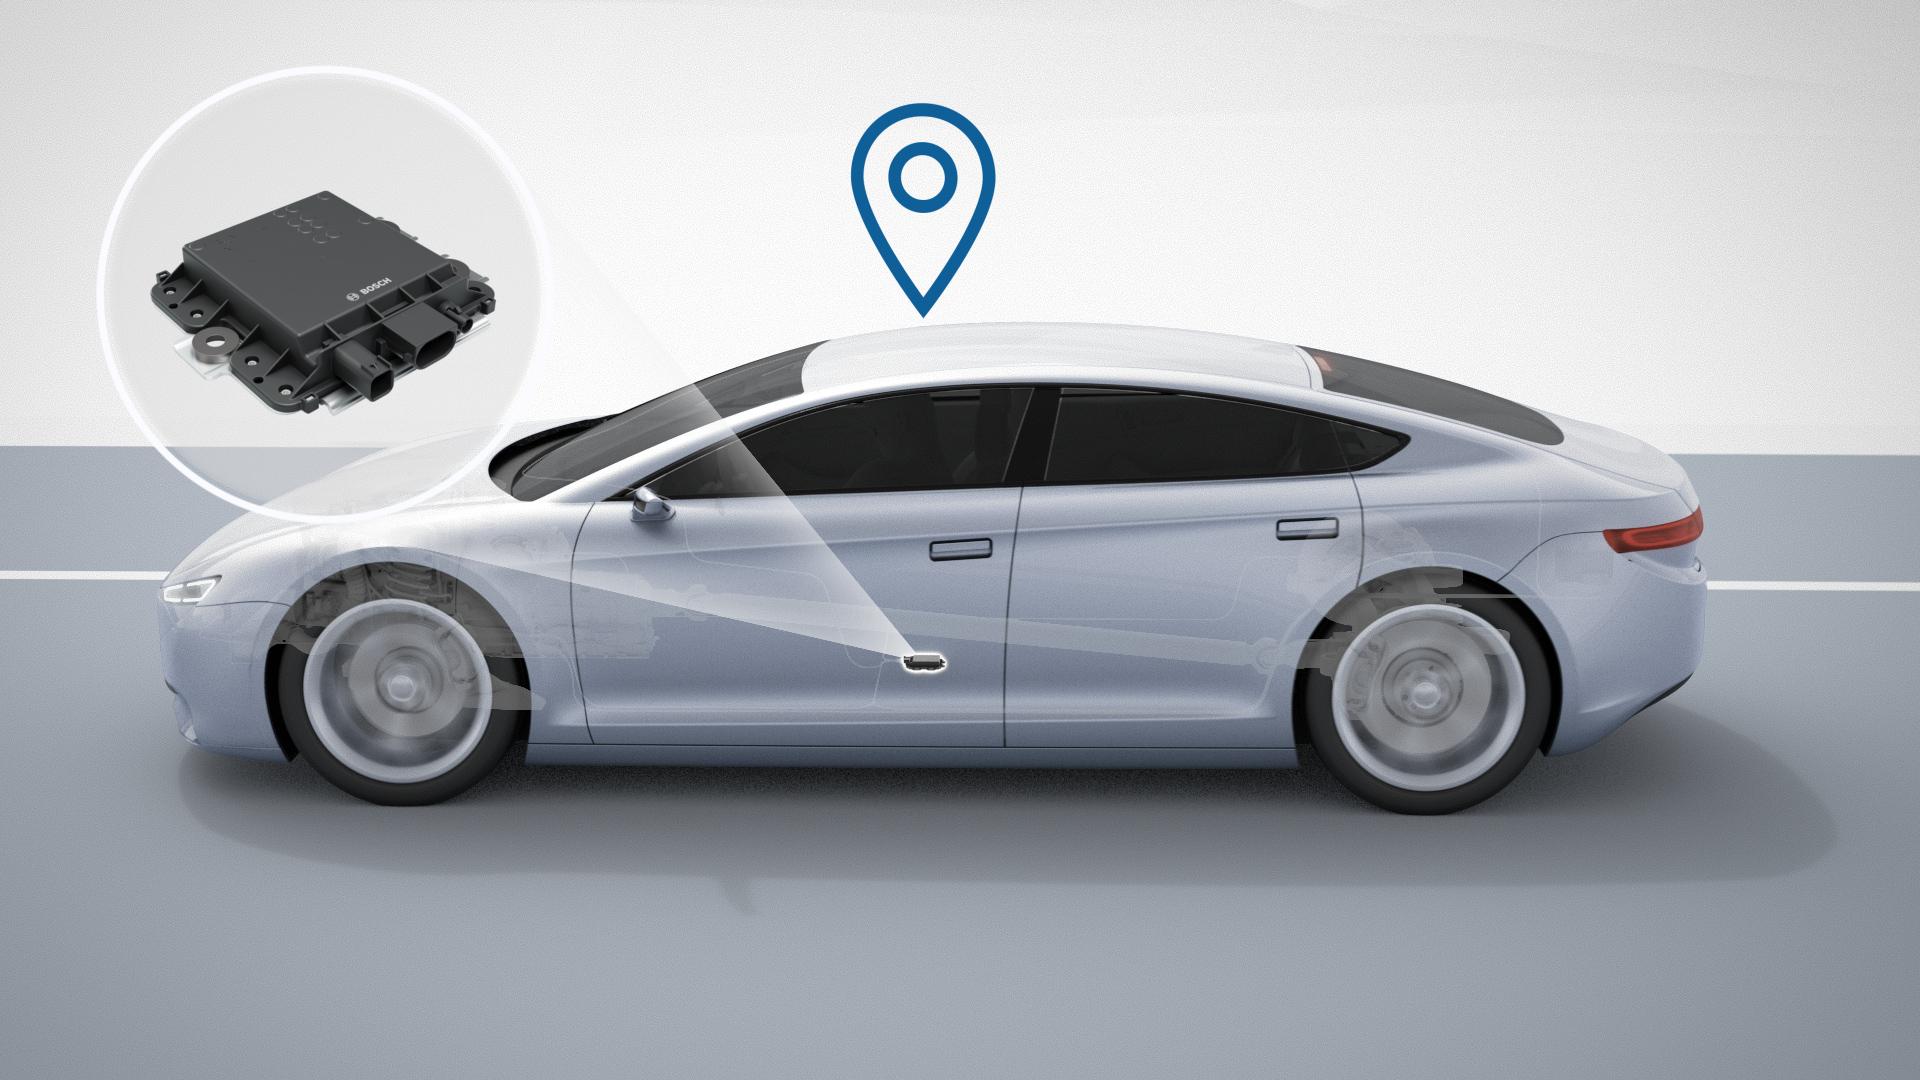 Tajemnice złodziei samochodów: jak działają zagłuszarki sygnału GPS/GSM?